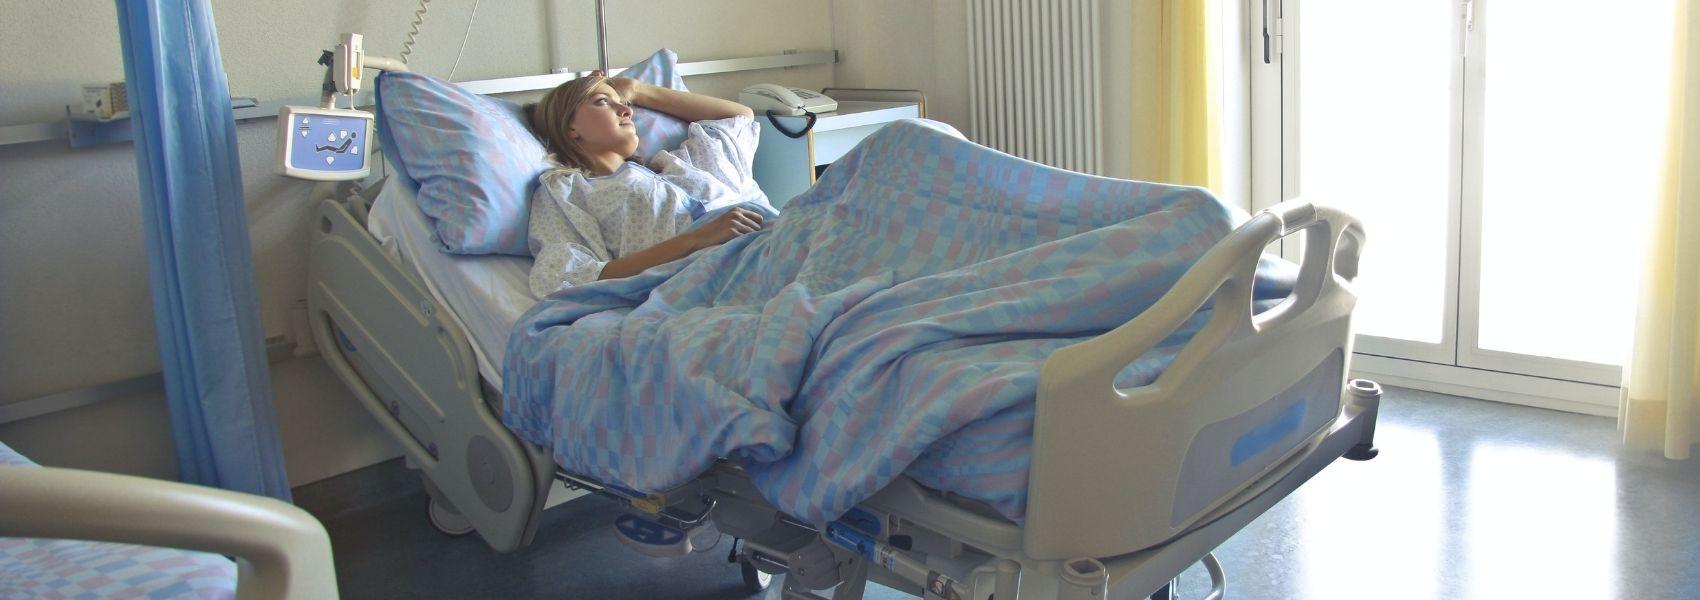 Cancro encurta a expectativa de vida dos transplantados